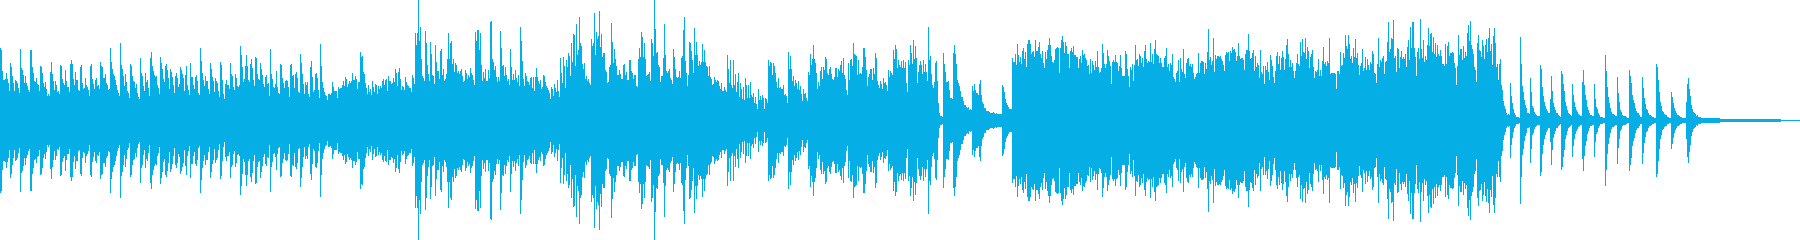 夜空・流れ星をイメージしたピアノソロの再生済みの波形